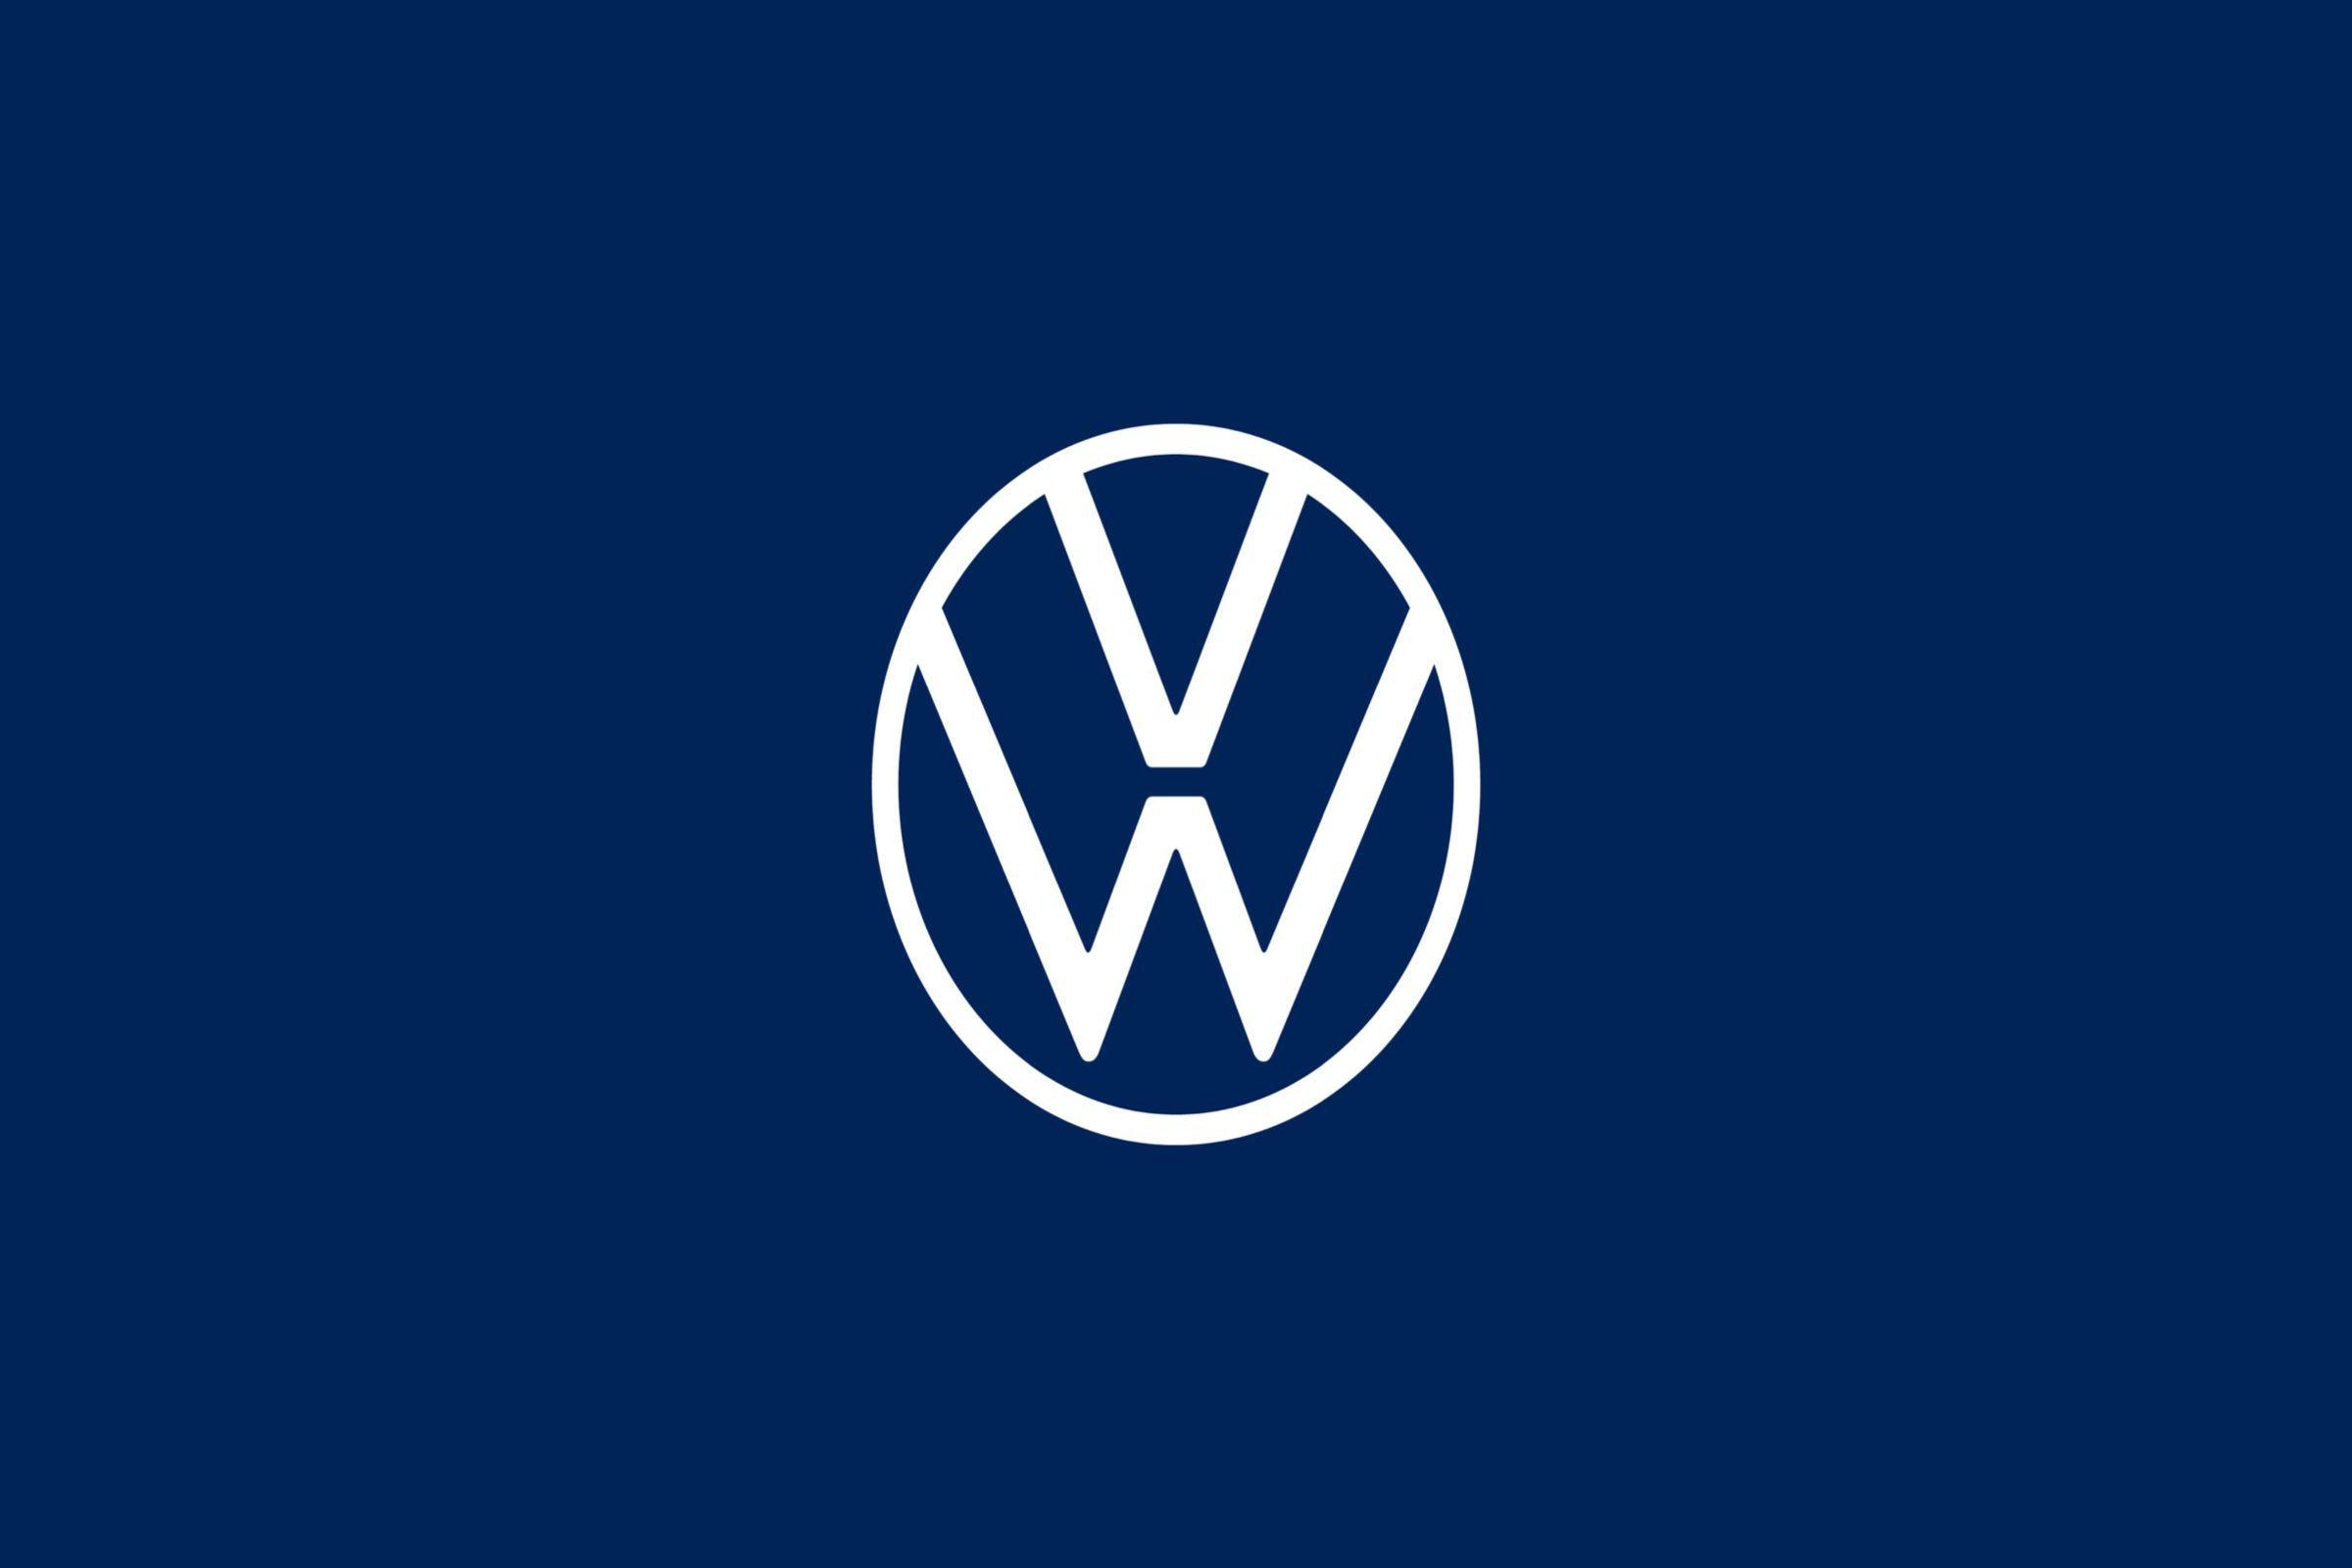 Volkswagen revela su nueva imagen de marca y logo